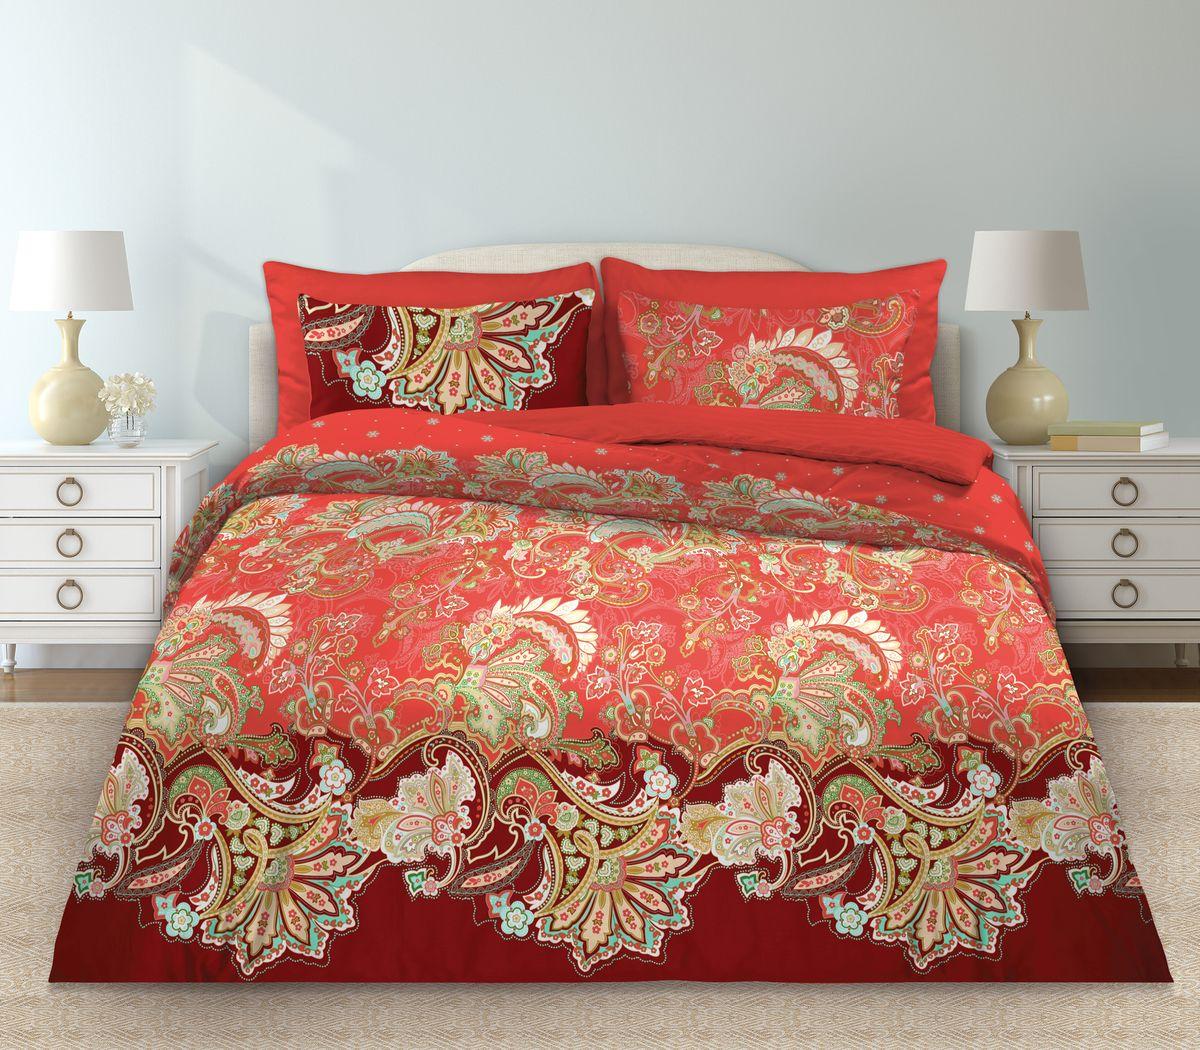 Комплект белья Любимый дом Болеро, евро, наволочки 70 x 70, цвет: красный. 345954345954